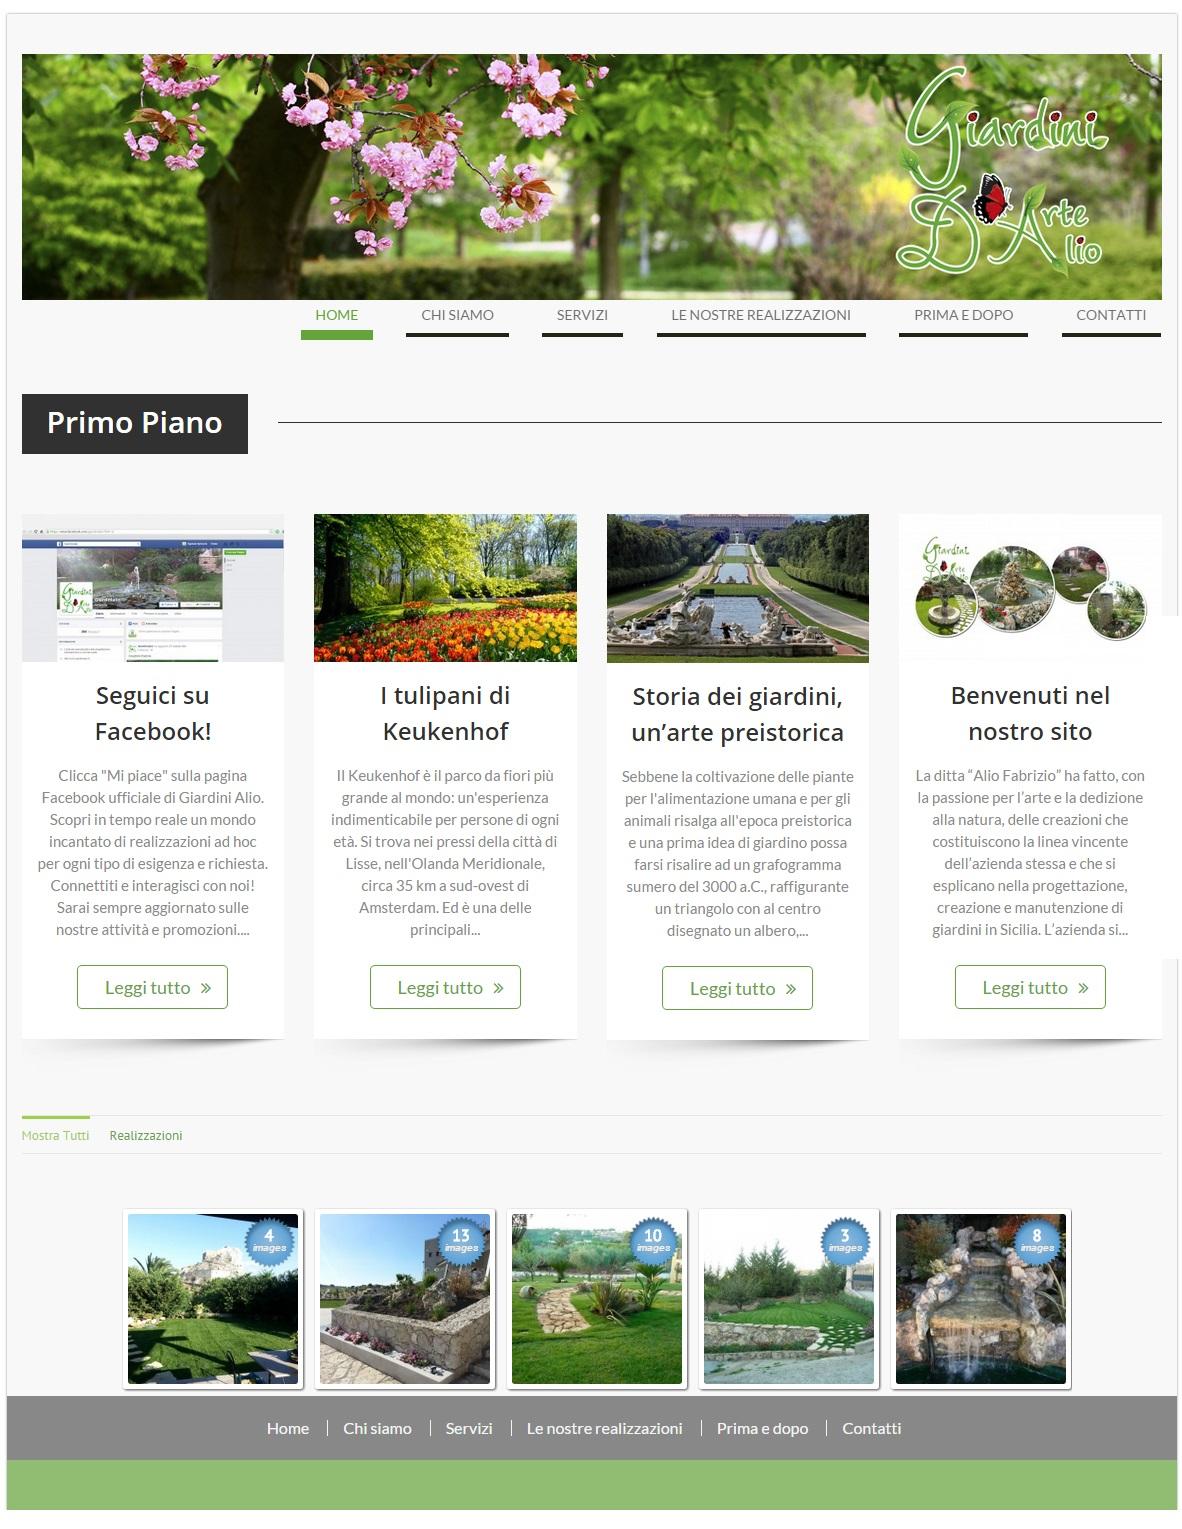 Giardini d'Arte Alio